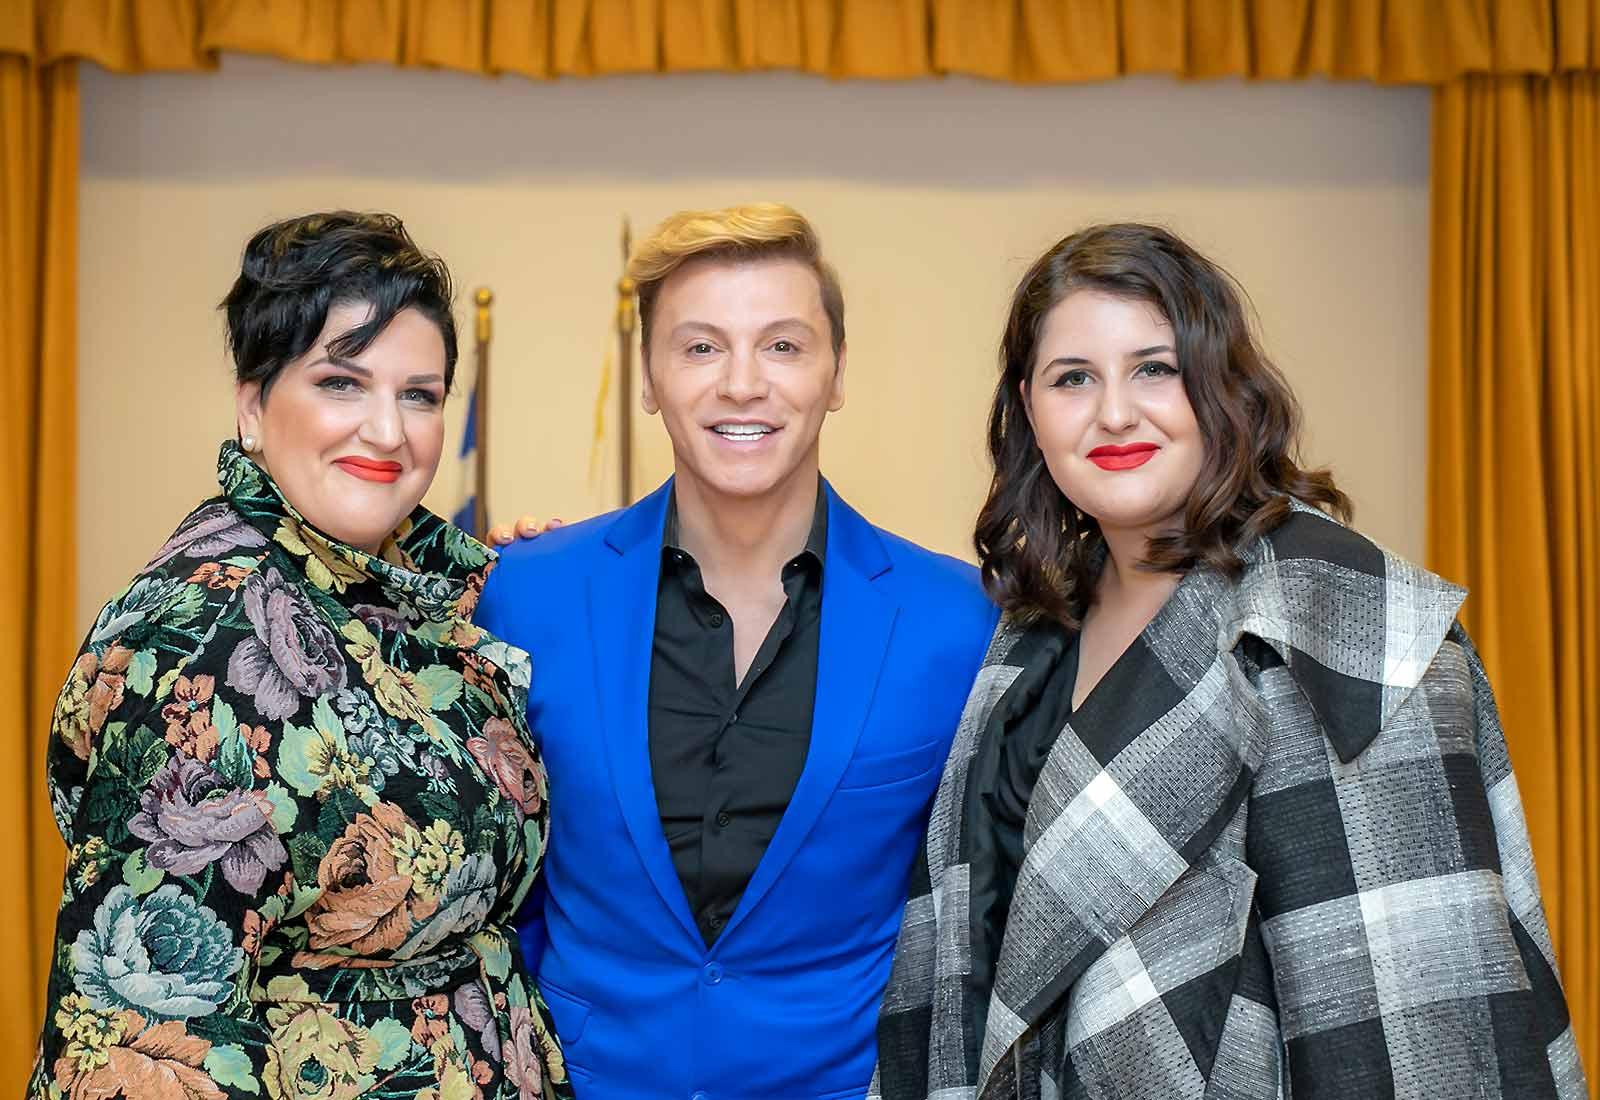 anna-maria-rogdai-president-of-EGYPA-with-Takis-Zaxaratos-and-Dora-Papamichalopoulou